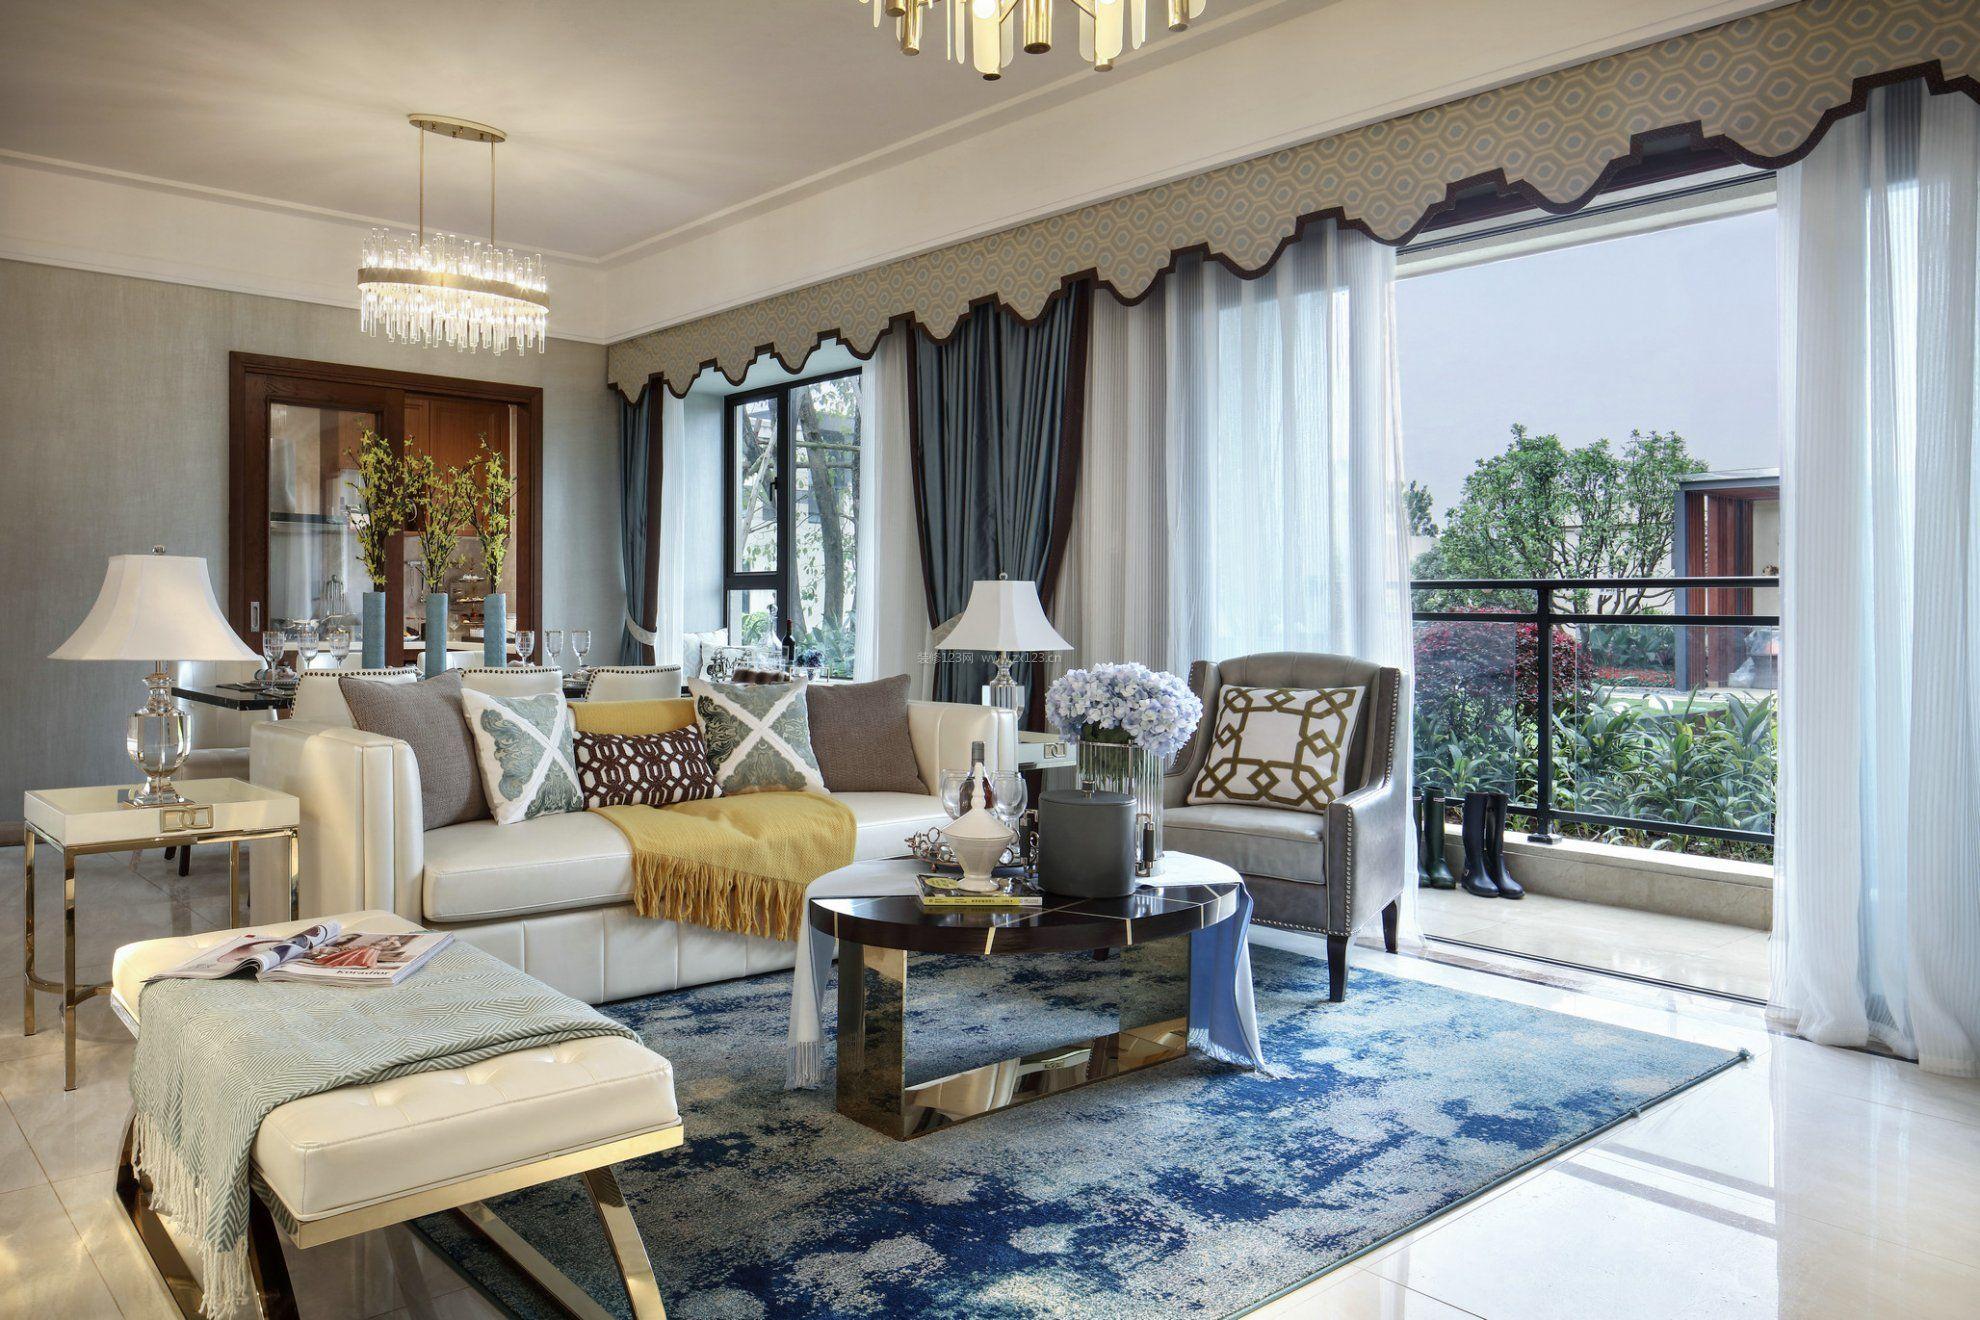 港式风格室内样板间客厅地毯装饰设计案例